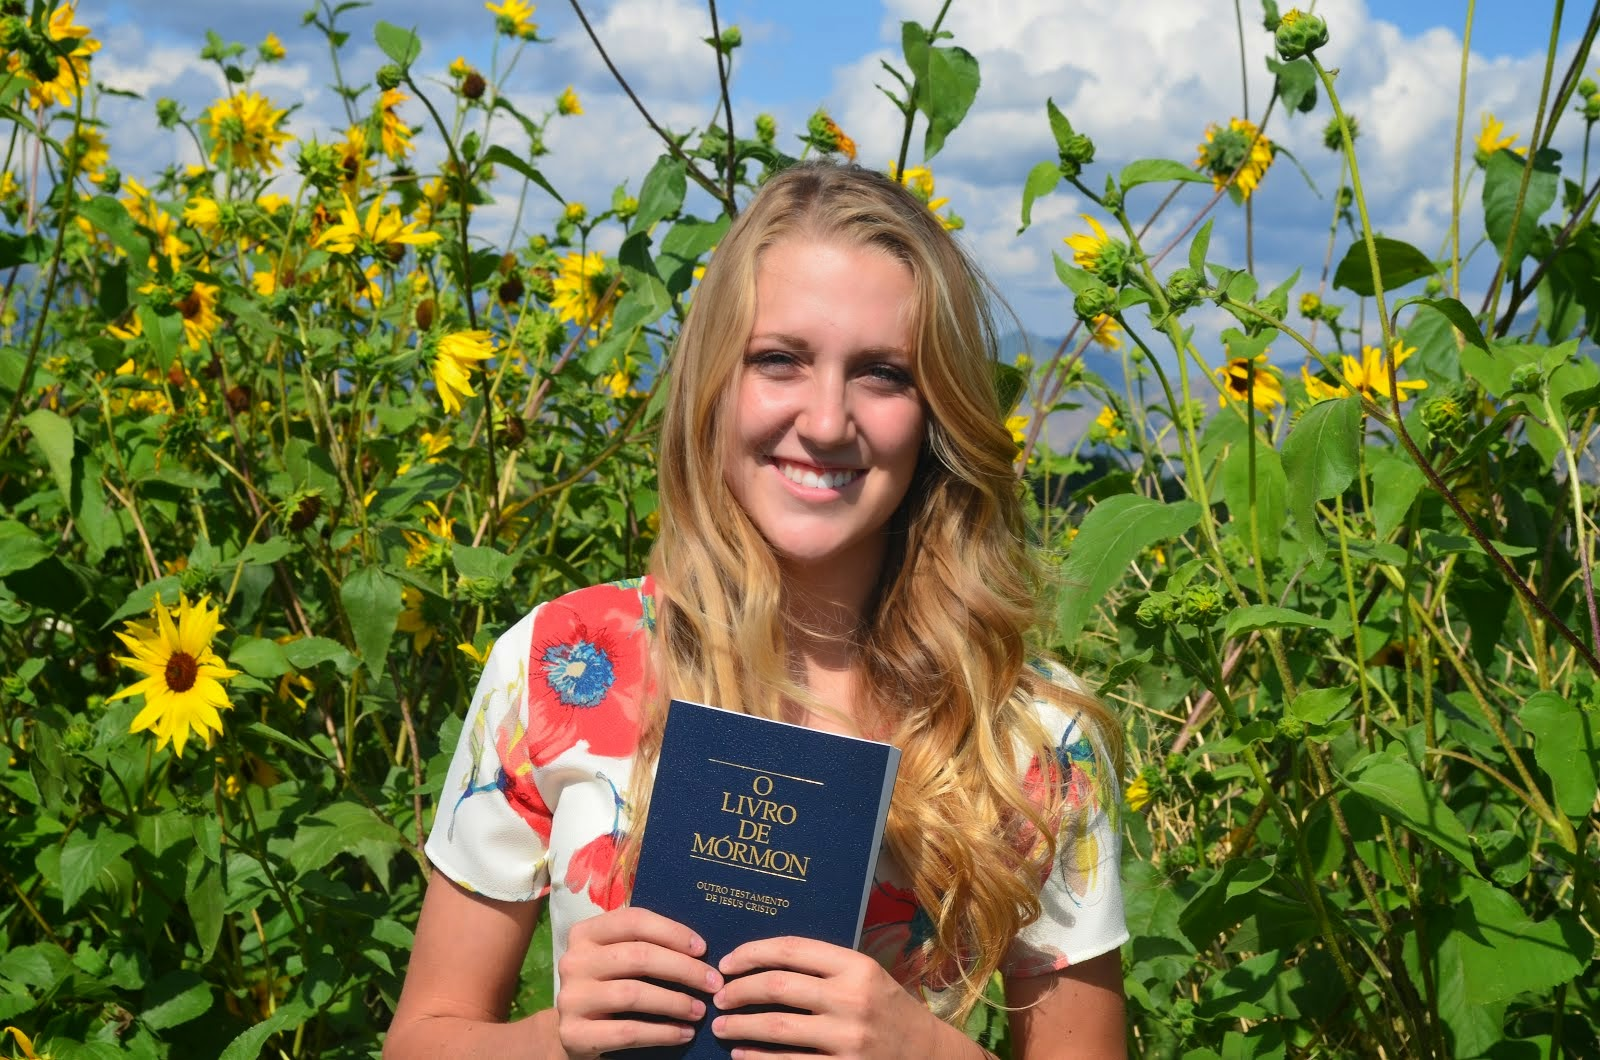 Sister Jocelyn Baker